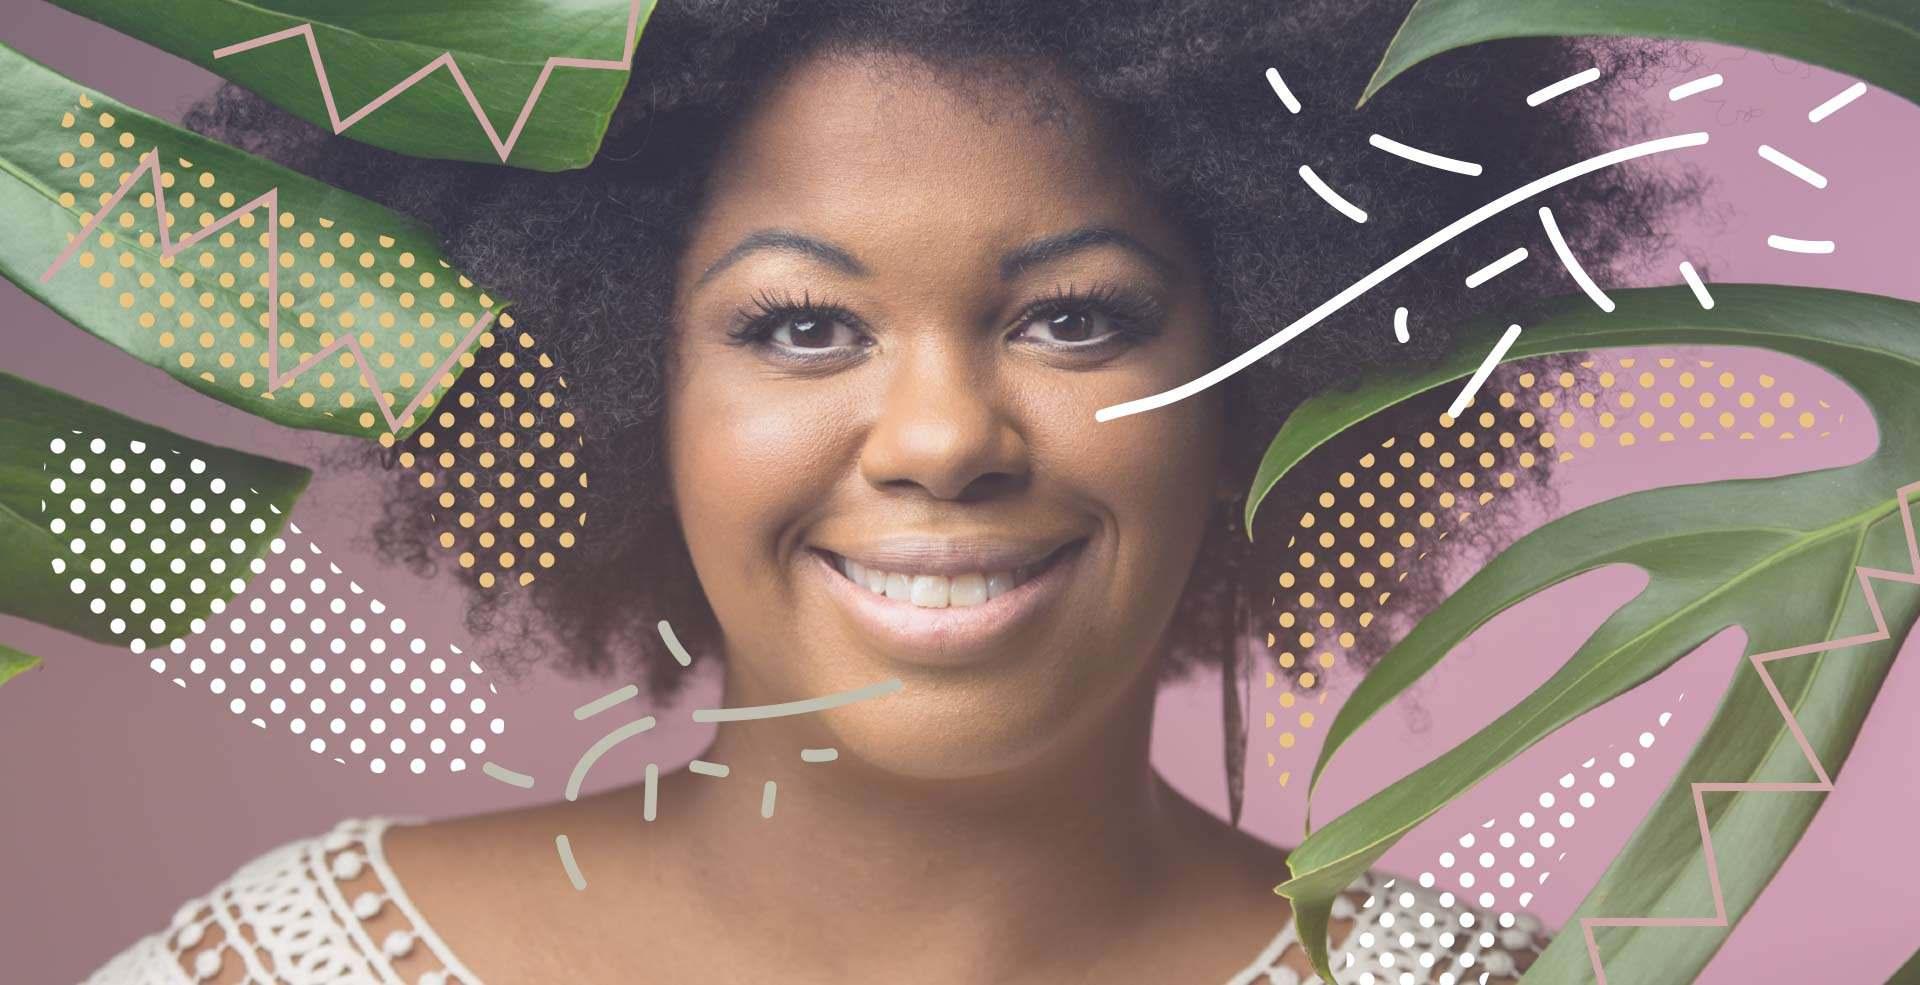 Cantoras Negras, por Janine Mathias